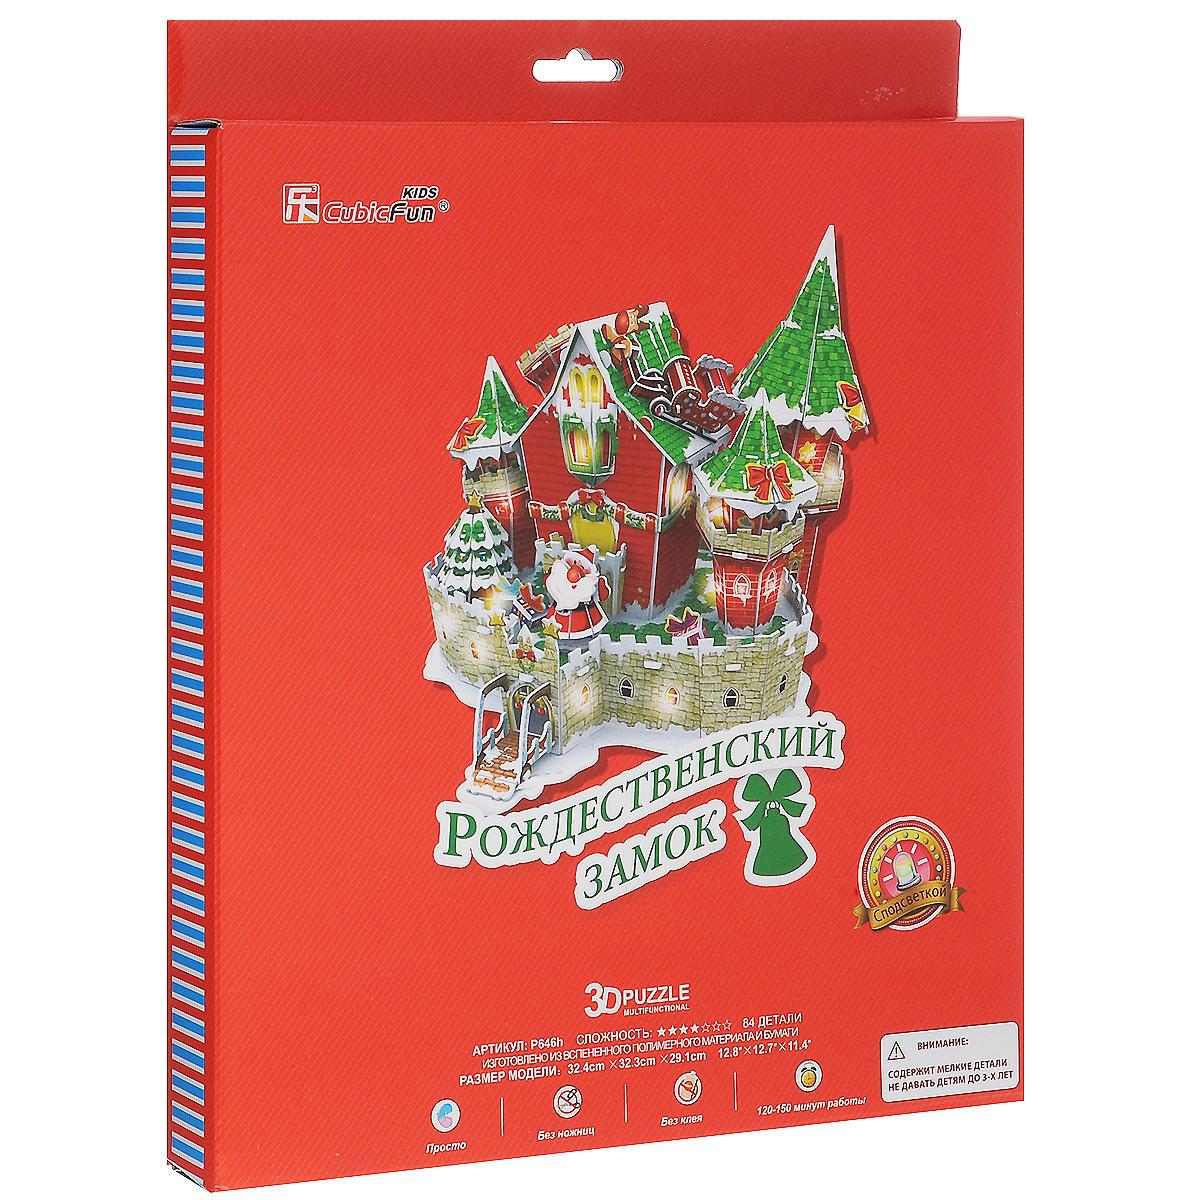 CubicFun Конструктор-макет Сказочный рождественский замок, с подсветкой, 84 элемента